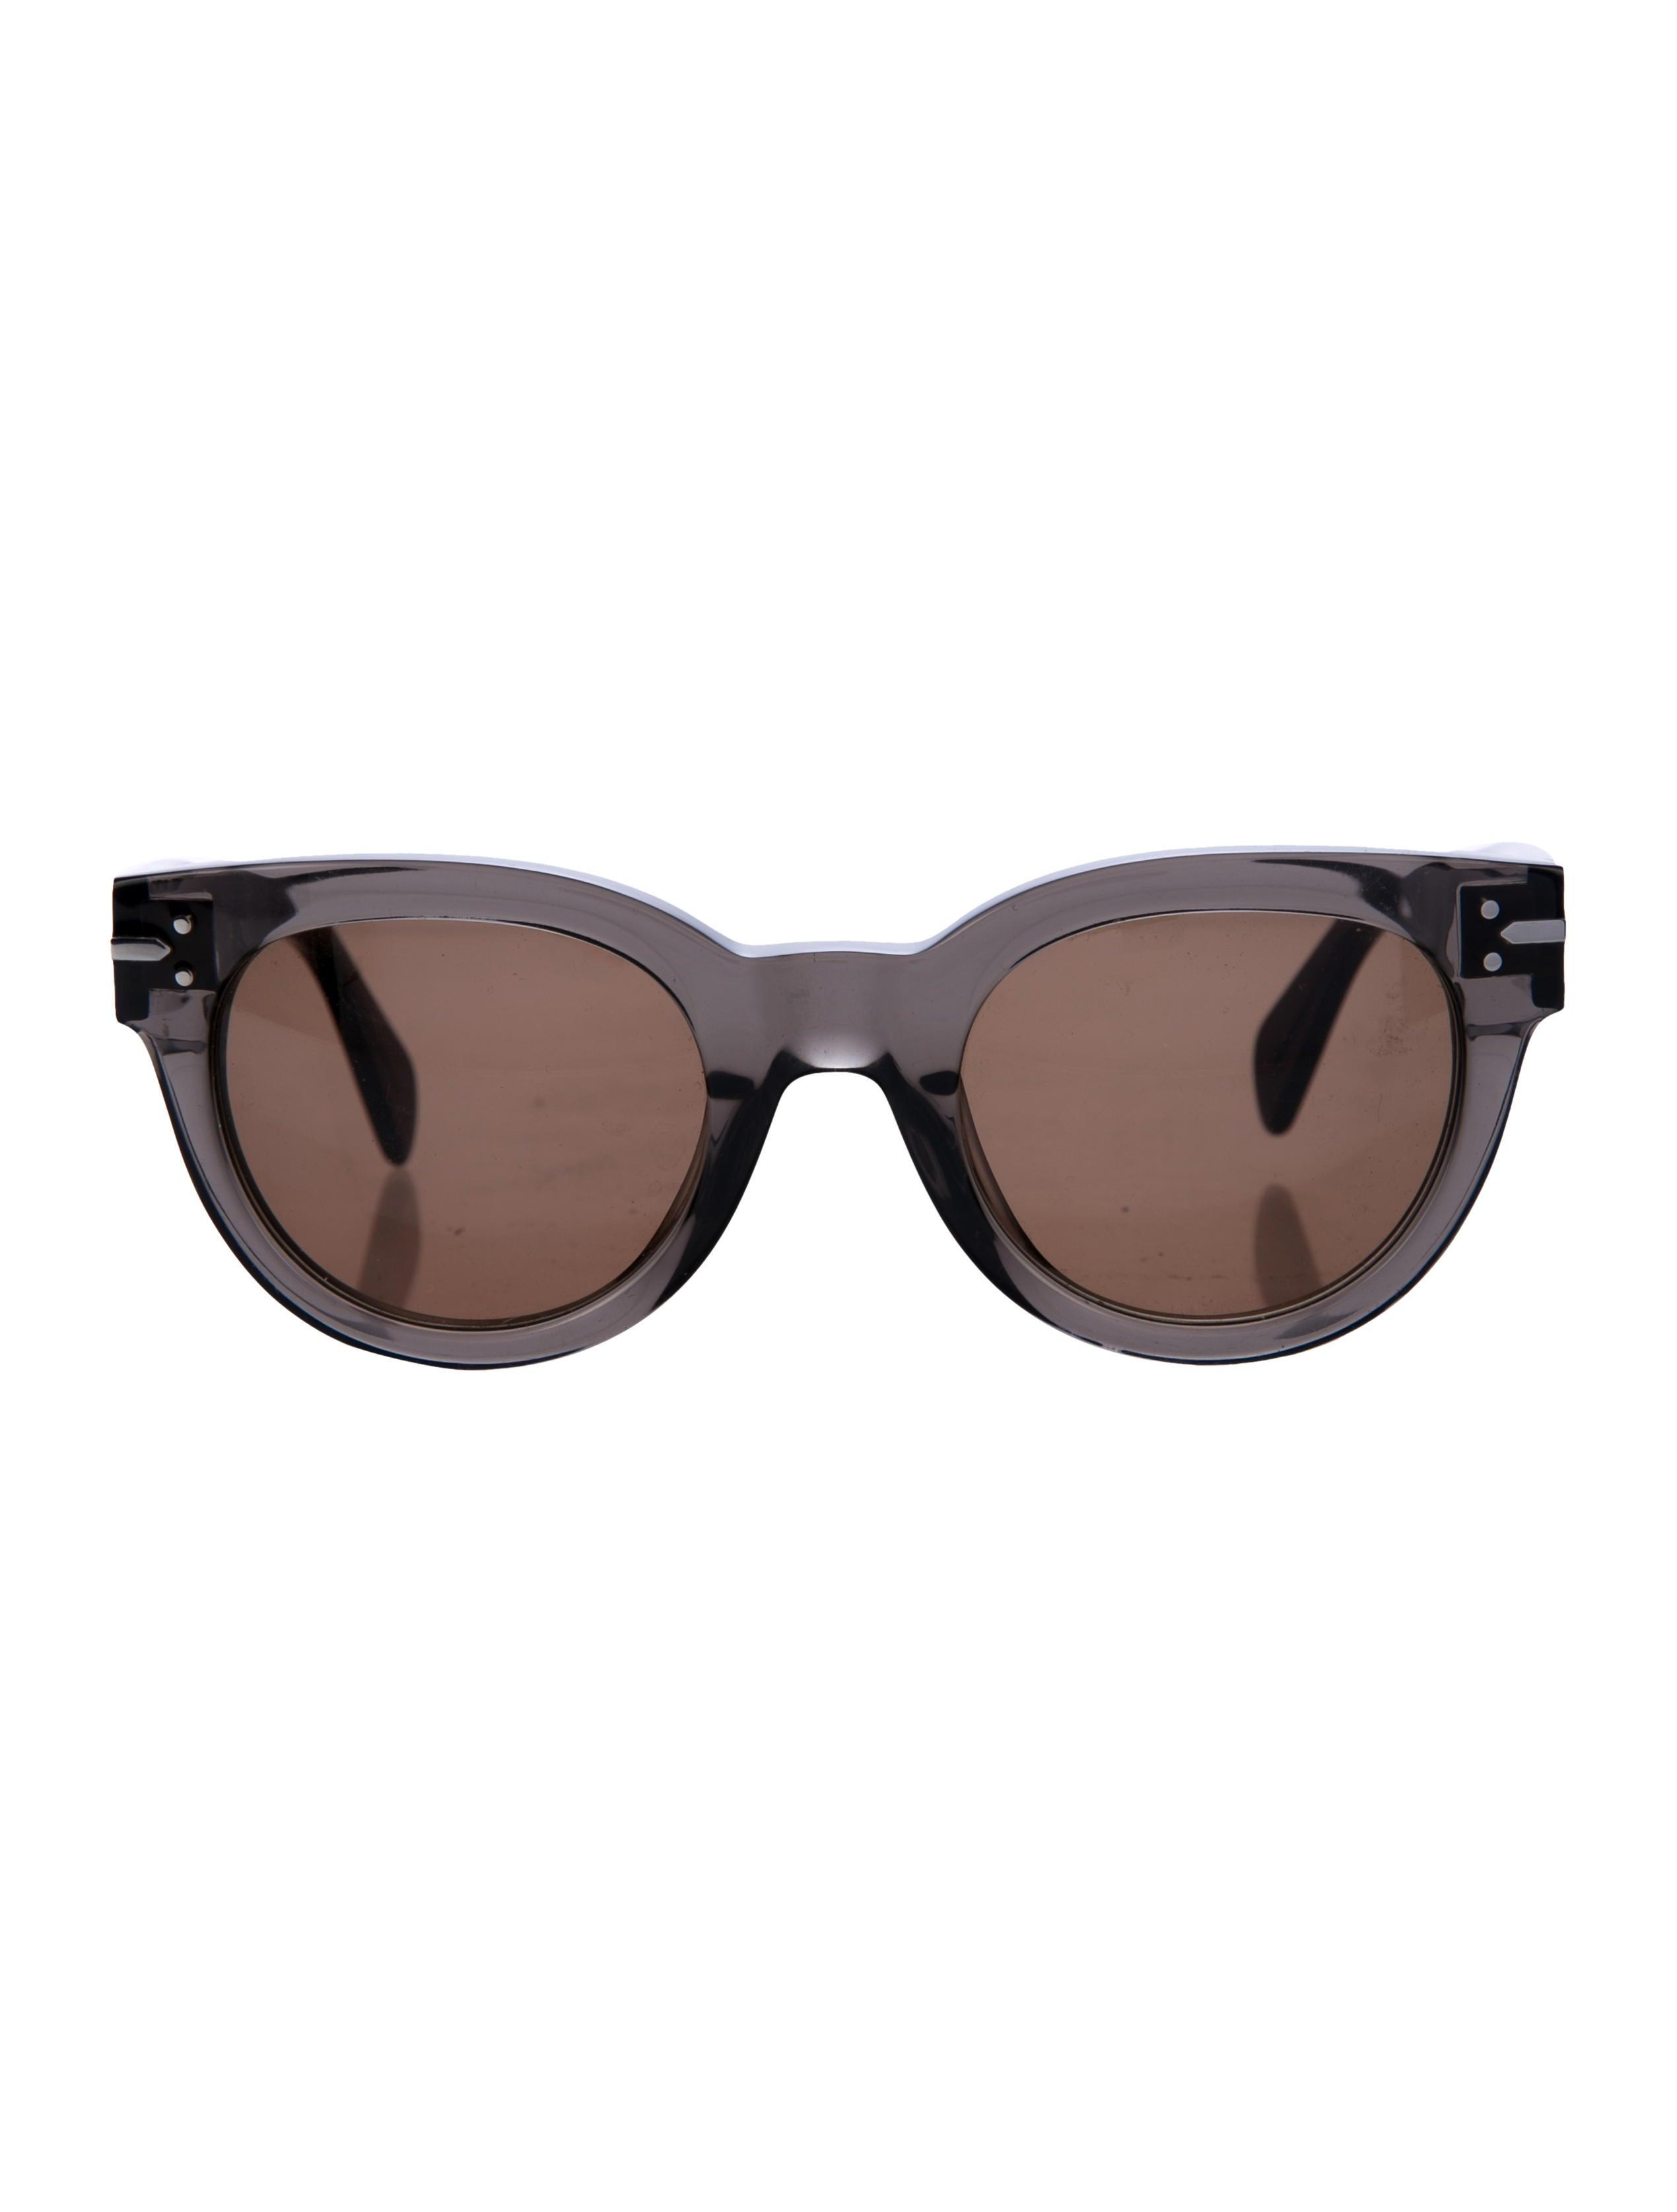 d444deb49eace Celine Céline New Butterfly Sunglasses - Accessories - CEL60566 ...